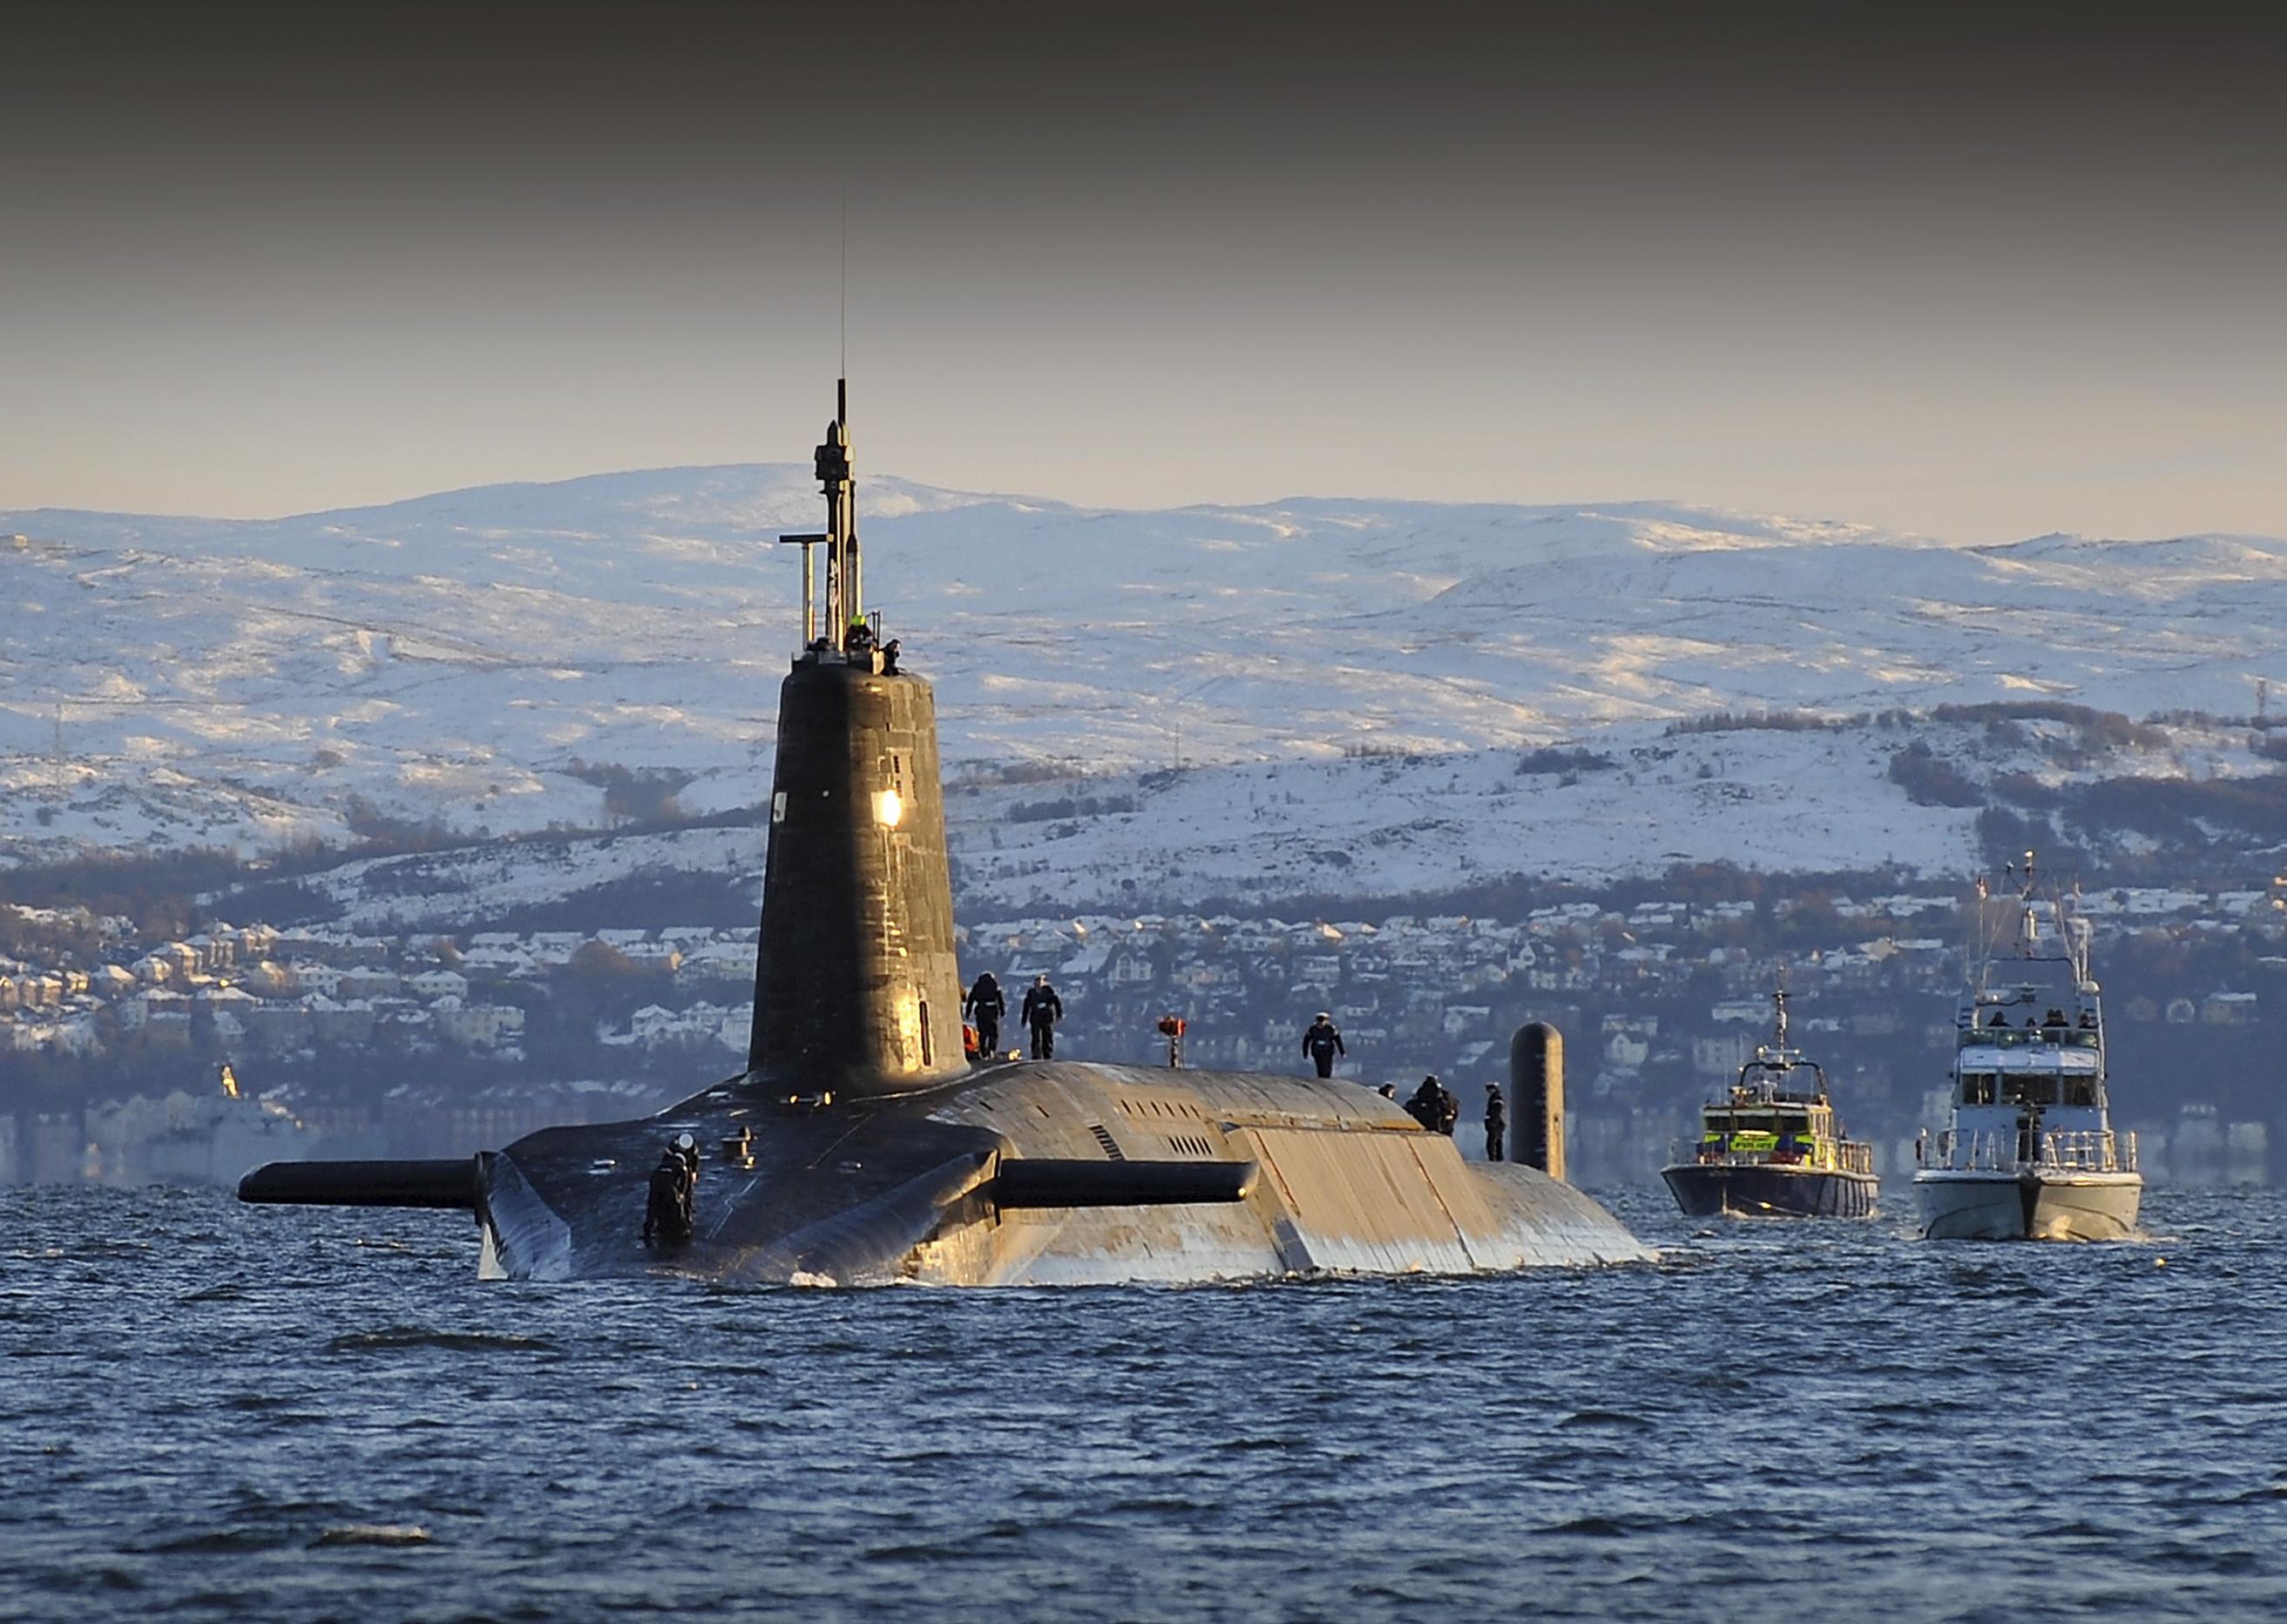 May mắn vụ tai nạn hy hữu không gây tổn hại đến tàu ngầm hạt nhân và tàu cá